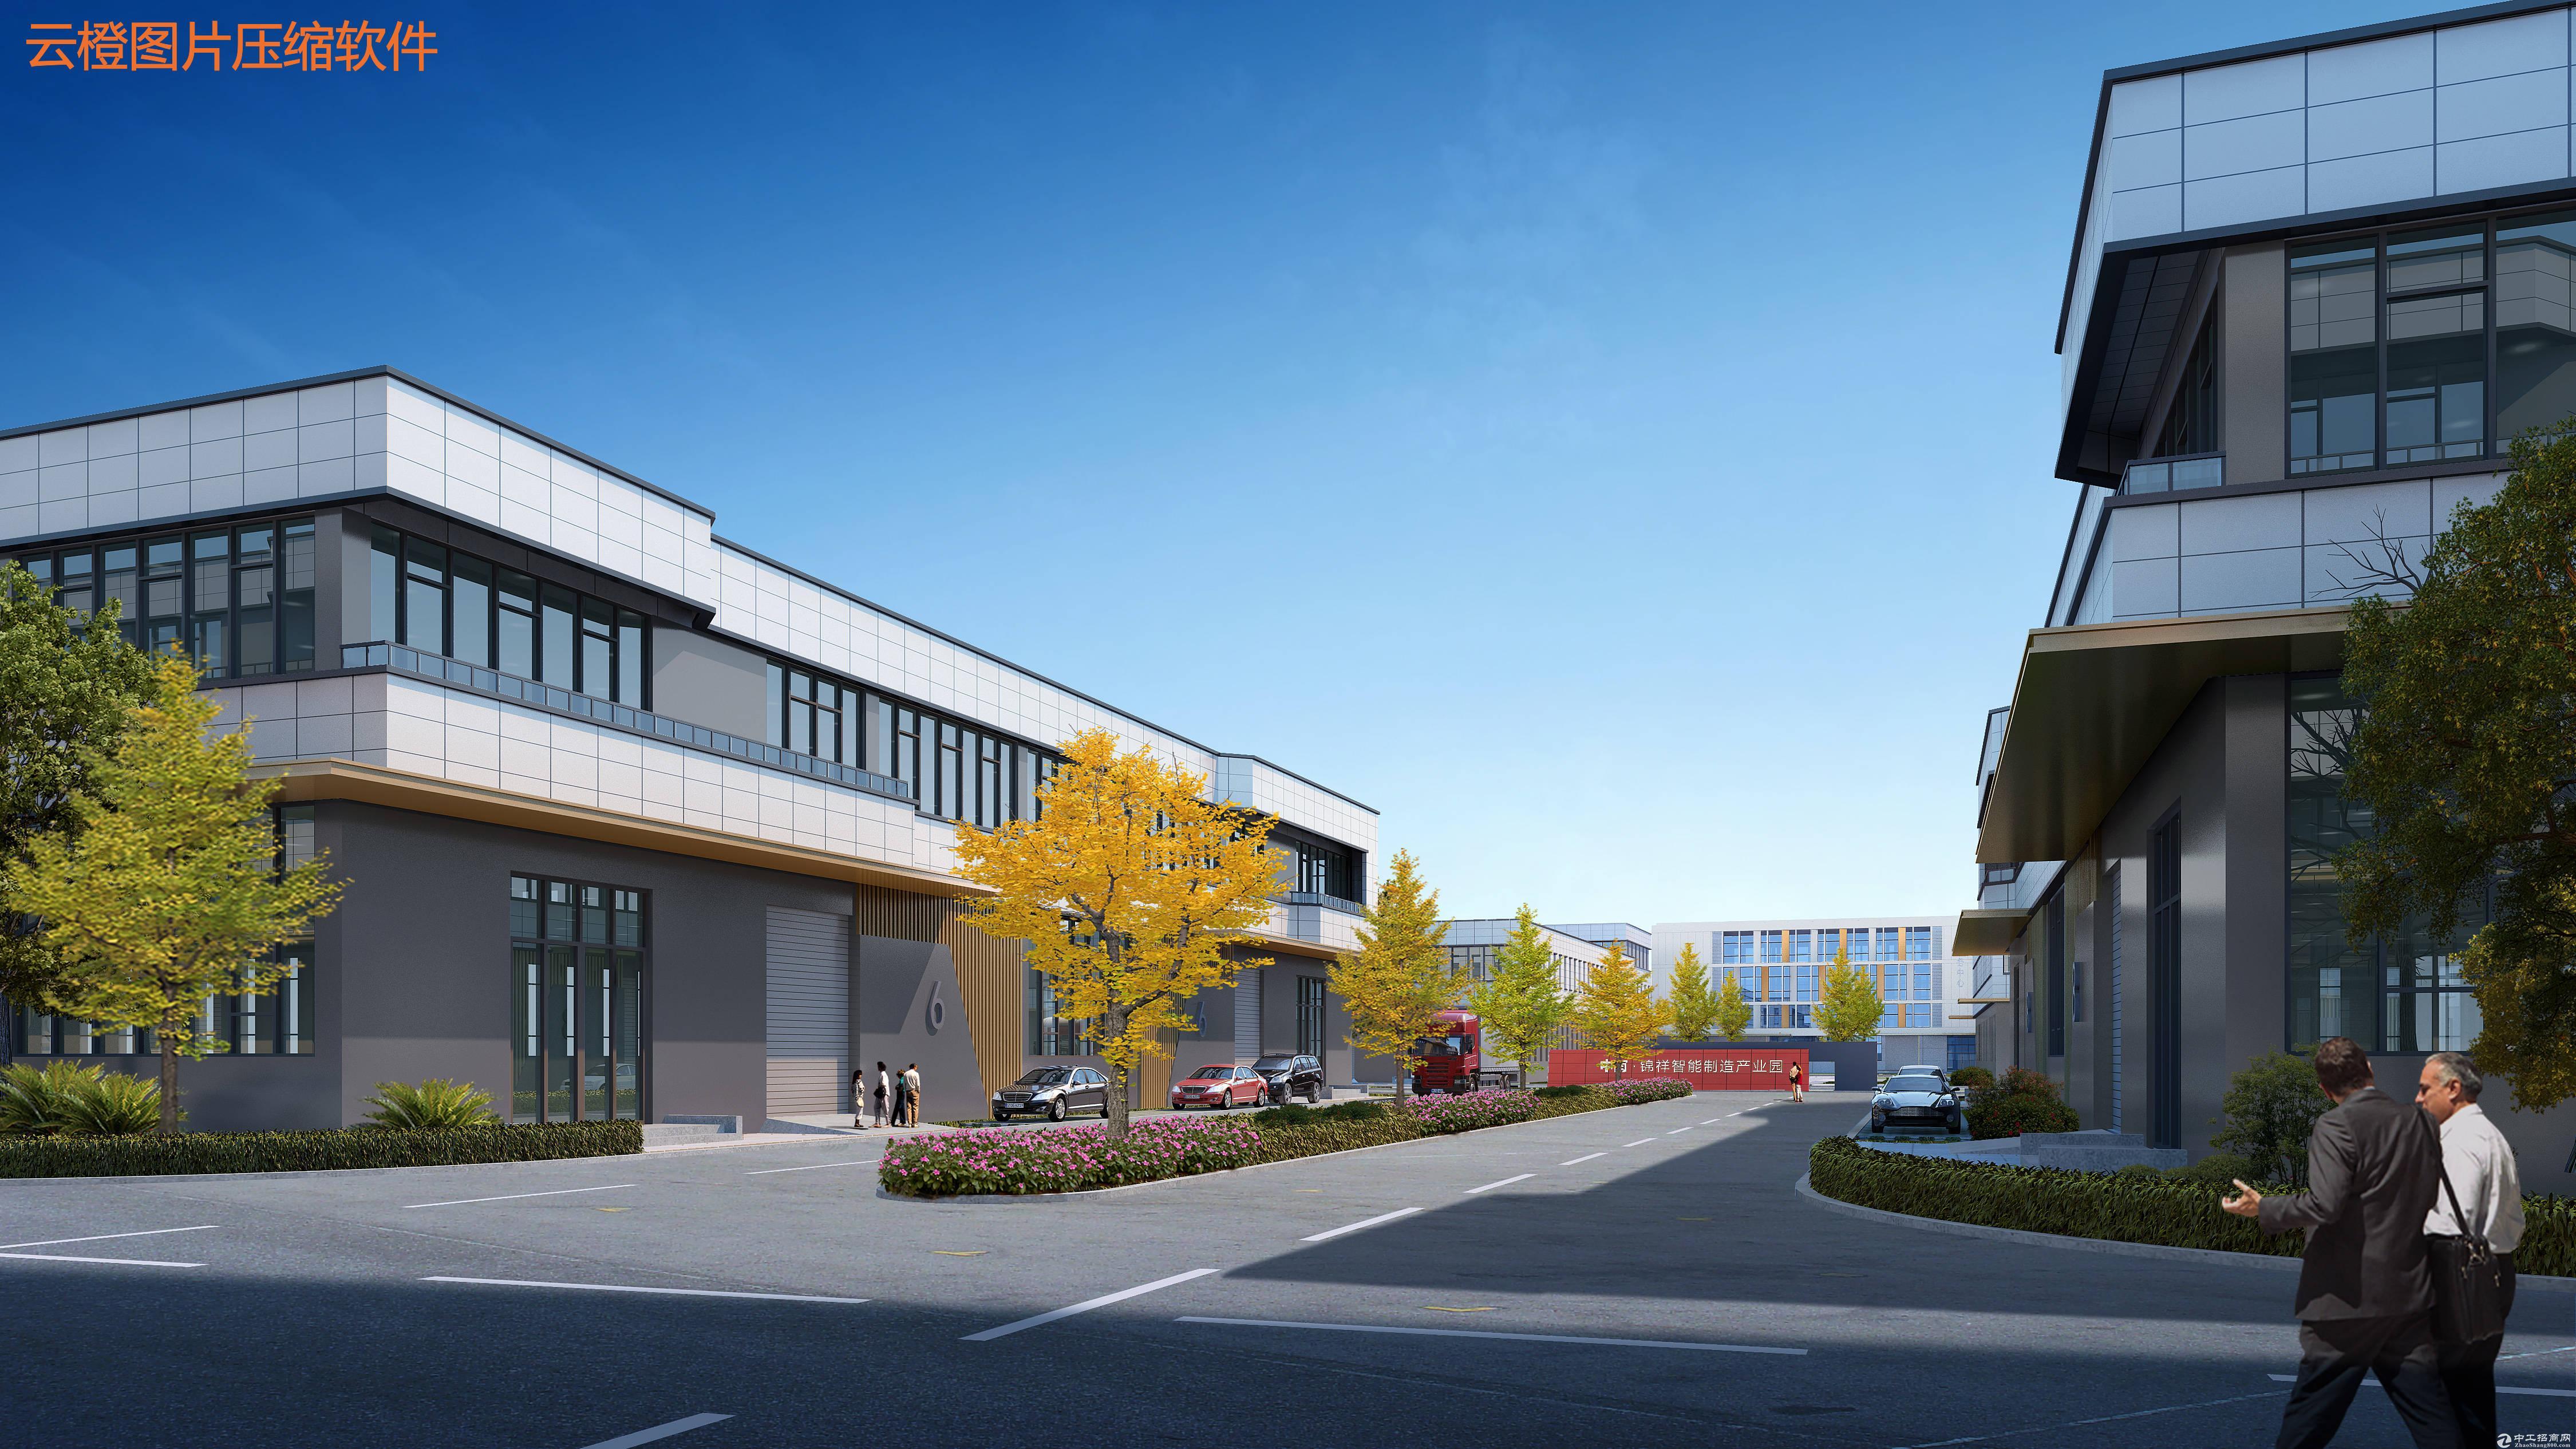 肥西、双凤开发区 厂房在售+出租 8.1米层高 位置极好